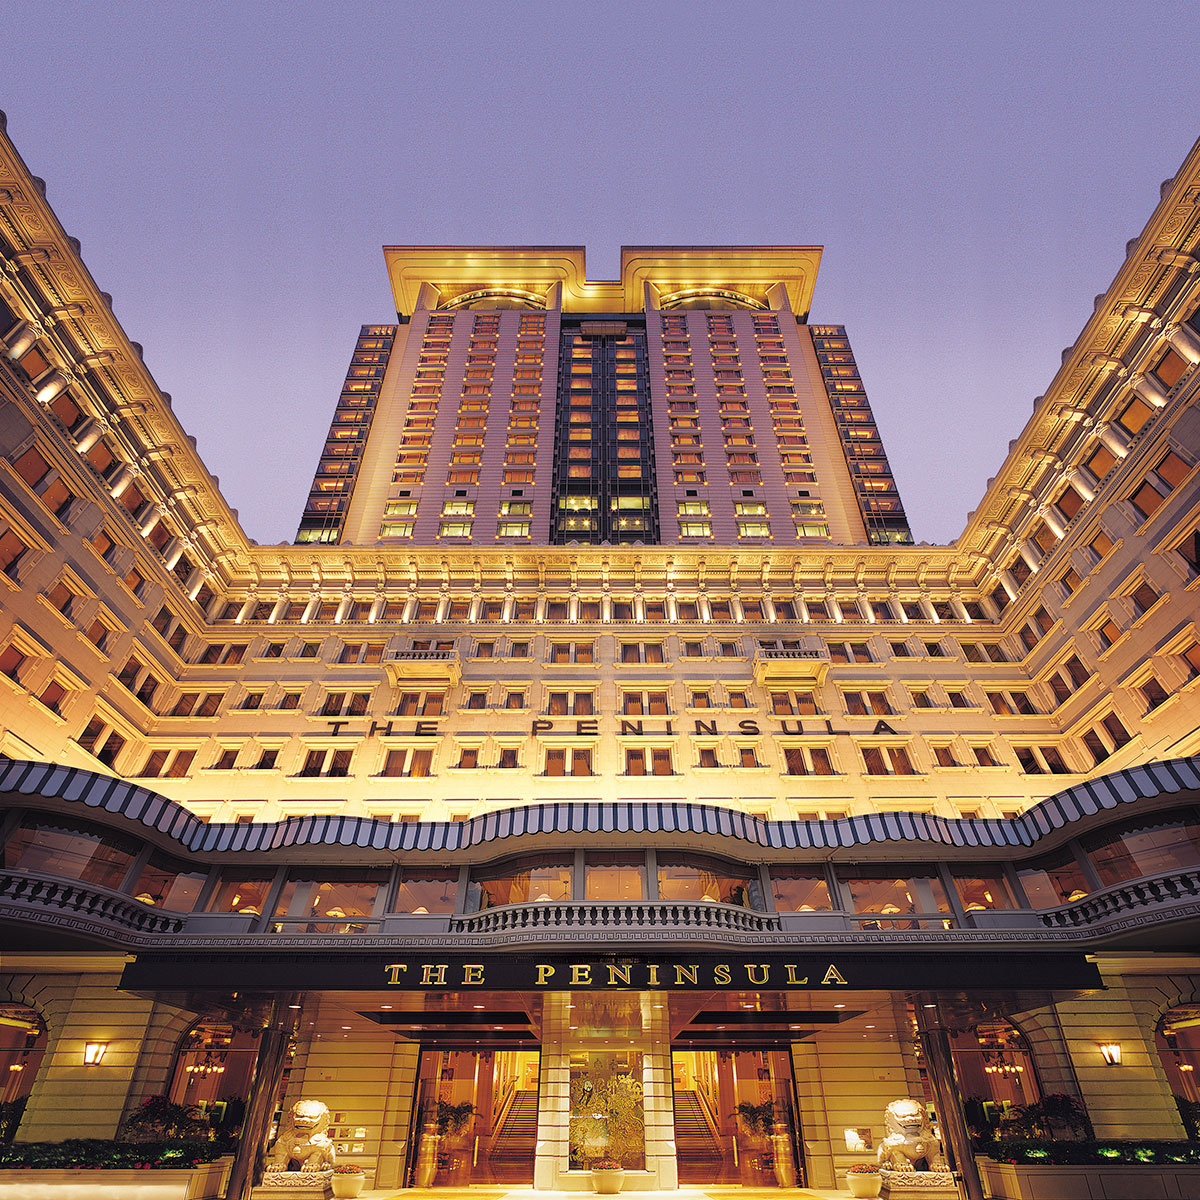 Peninsula är inte bara en av stans mest legendariska adresser utan ett av världens mest kända hotell.